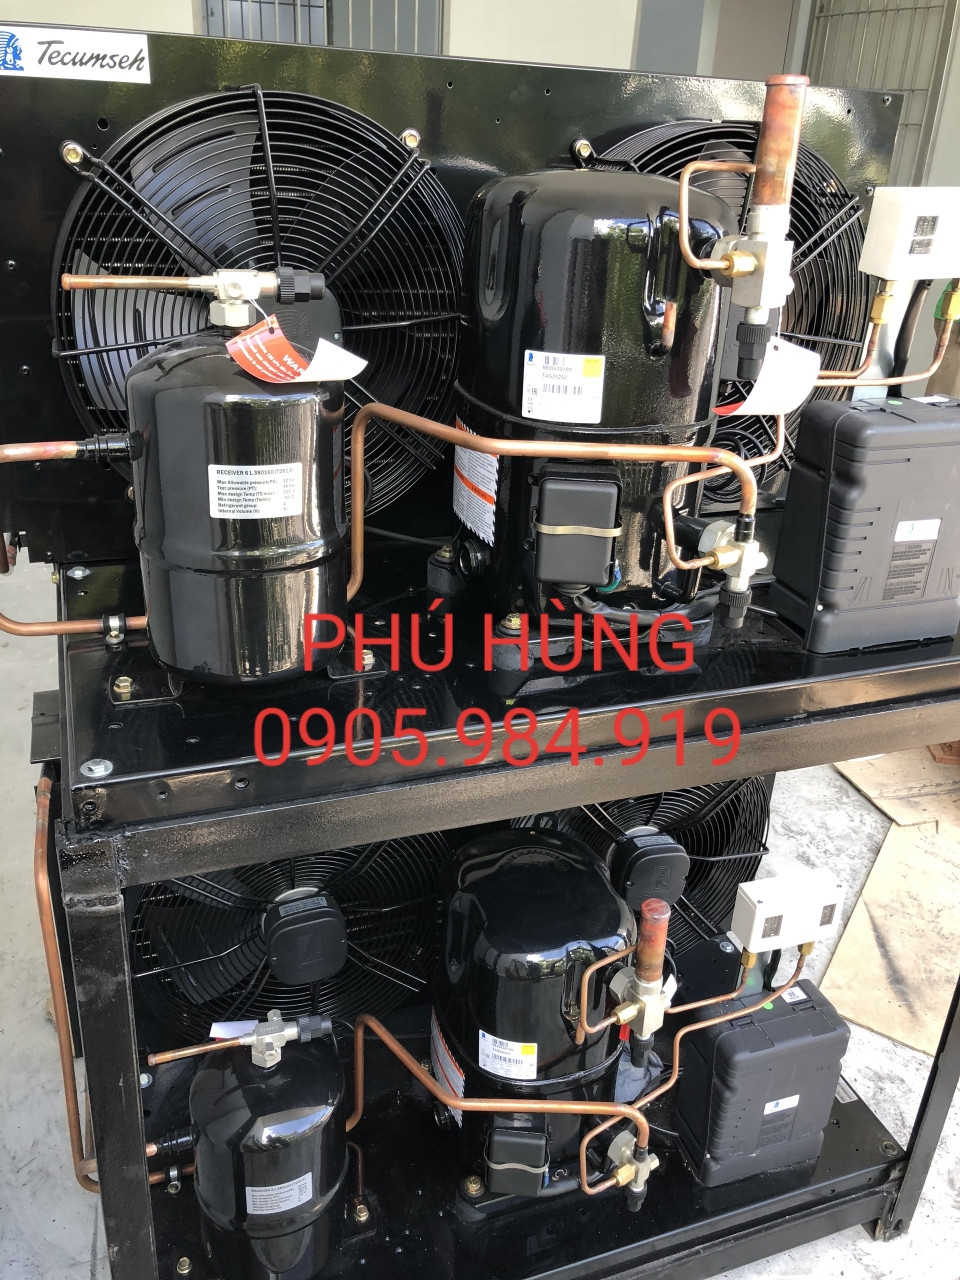 kho kem thanh nhan 2 - Lắp đặt kho lạnh bảo quản kem, công ty Thành Nhân, Đà Nẵng